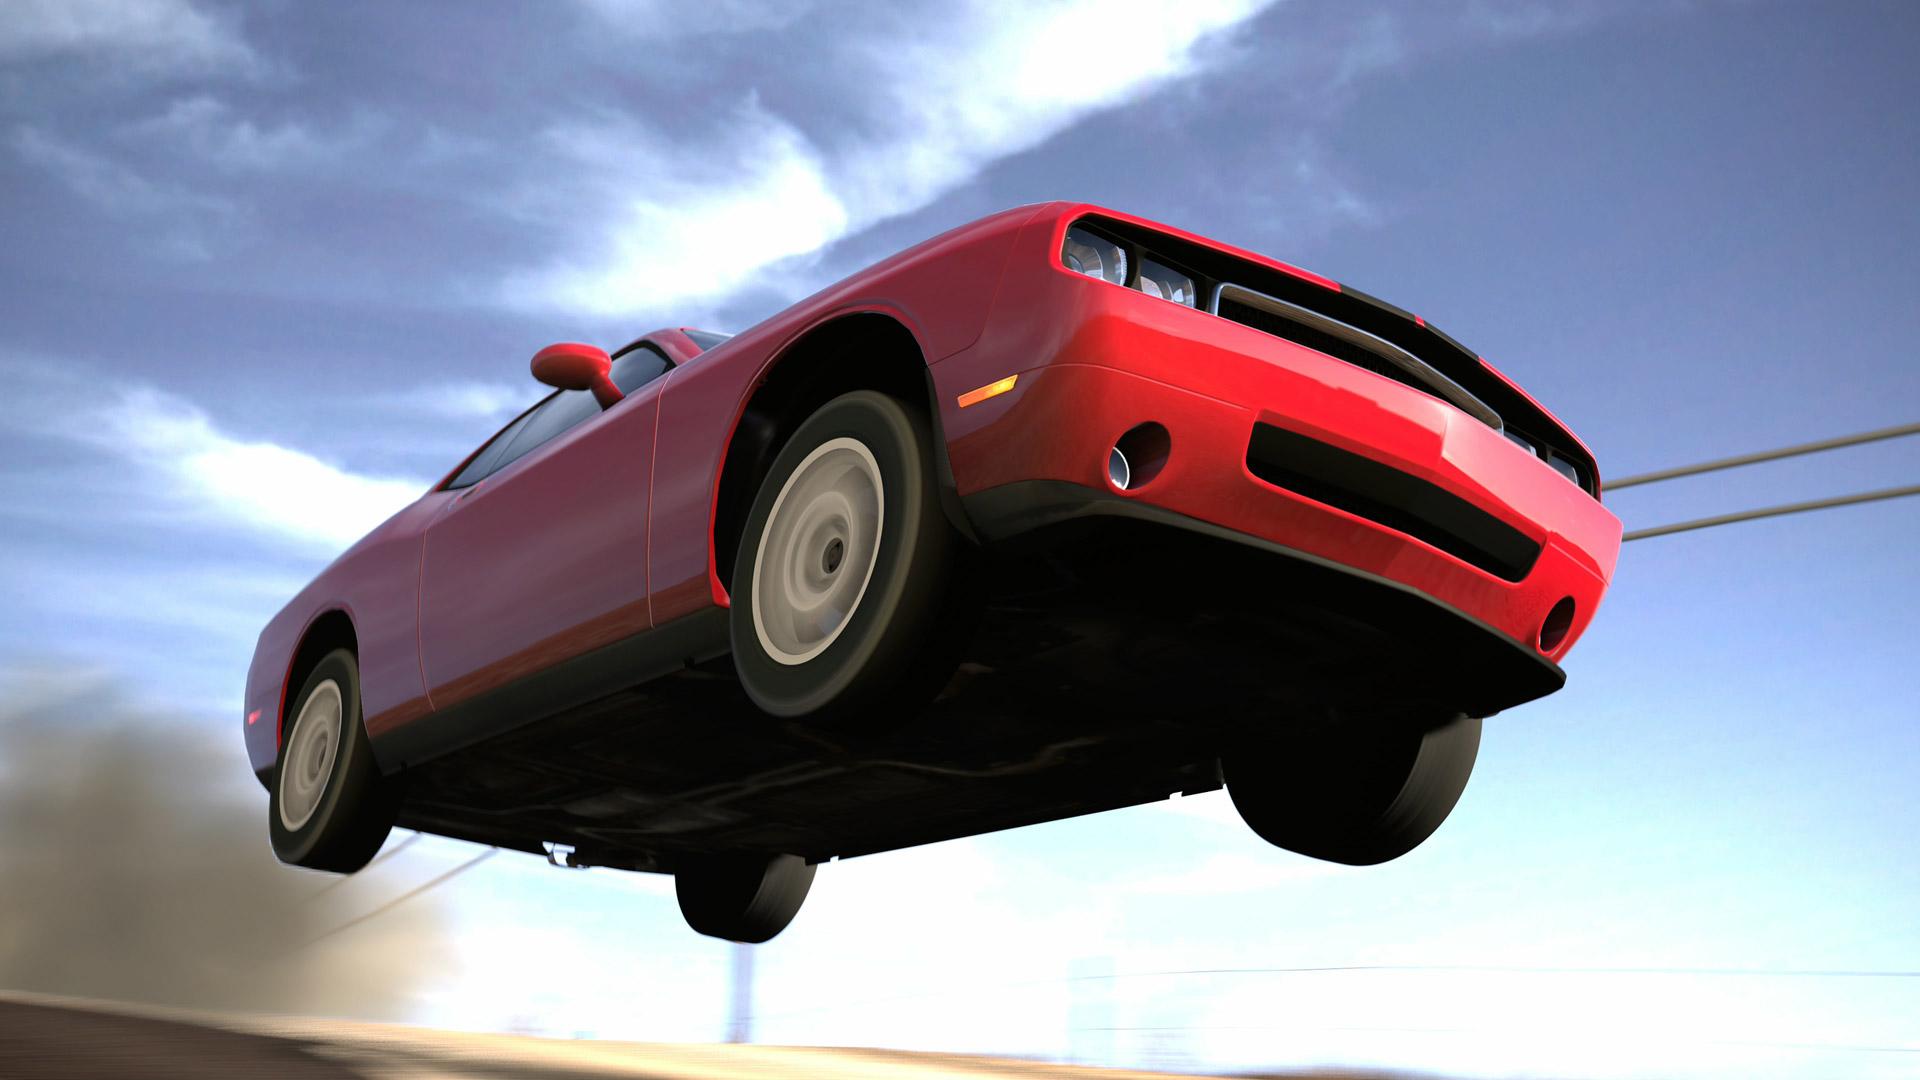 Gran Turismo 5 wallpaper 2